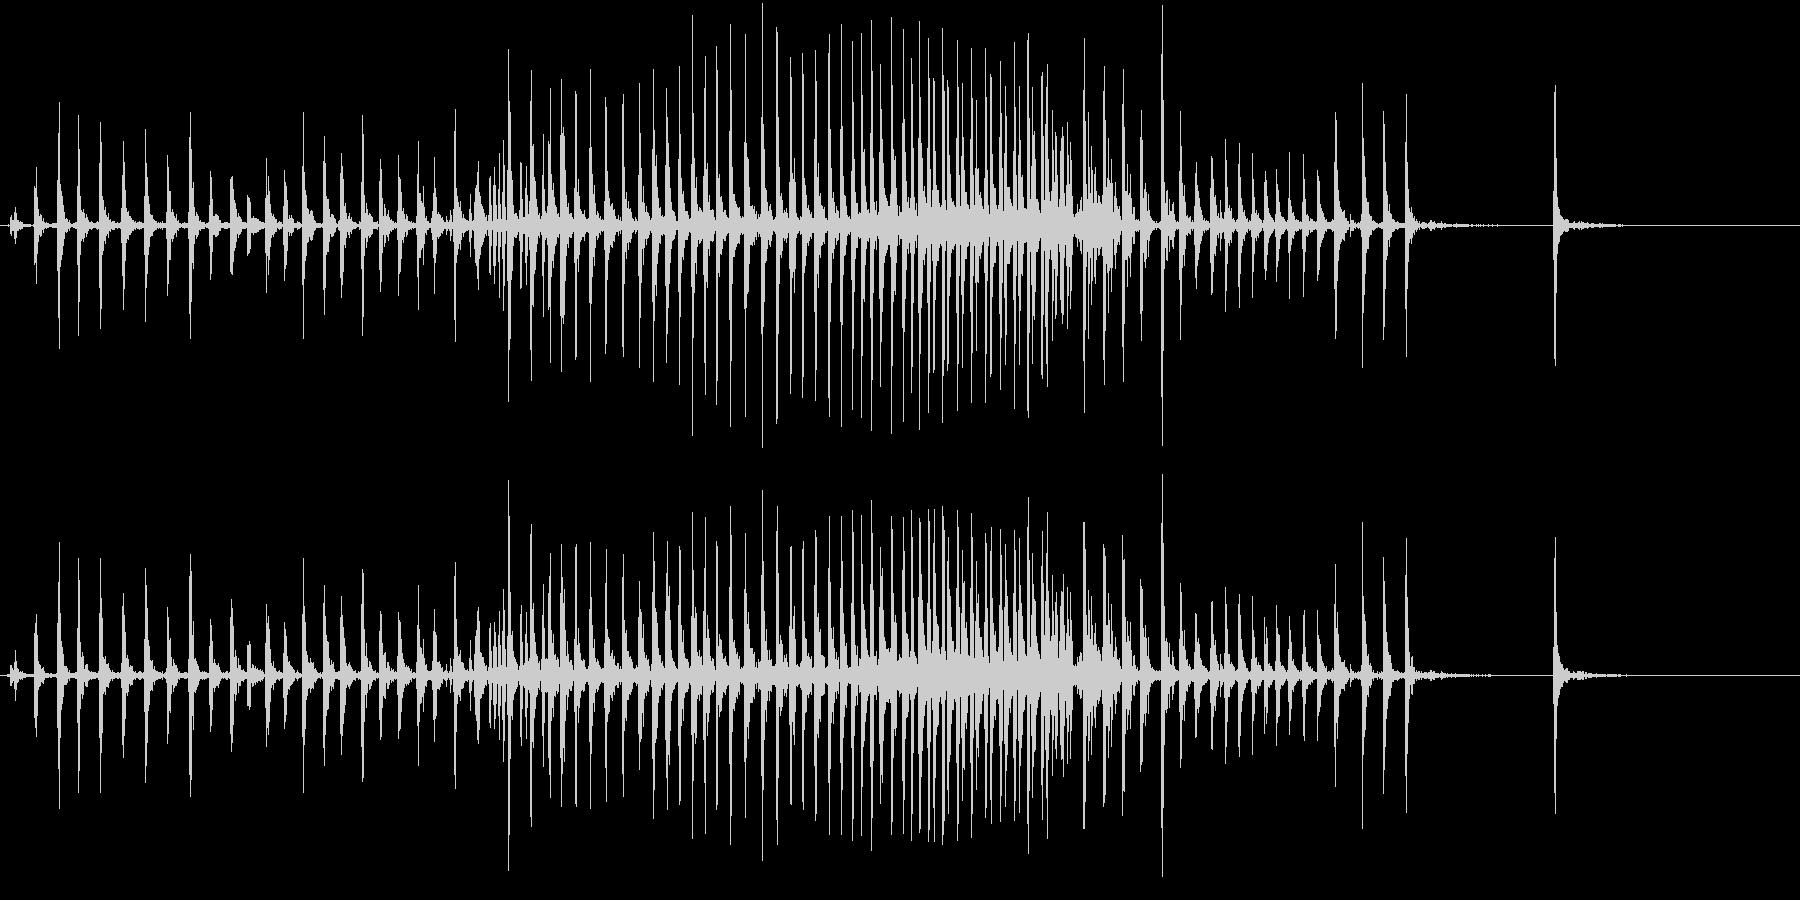 【生録音】ぎゅーっと強く握り締める音 1の未再生の波形